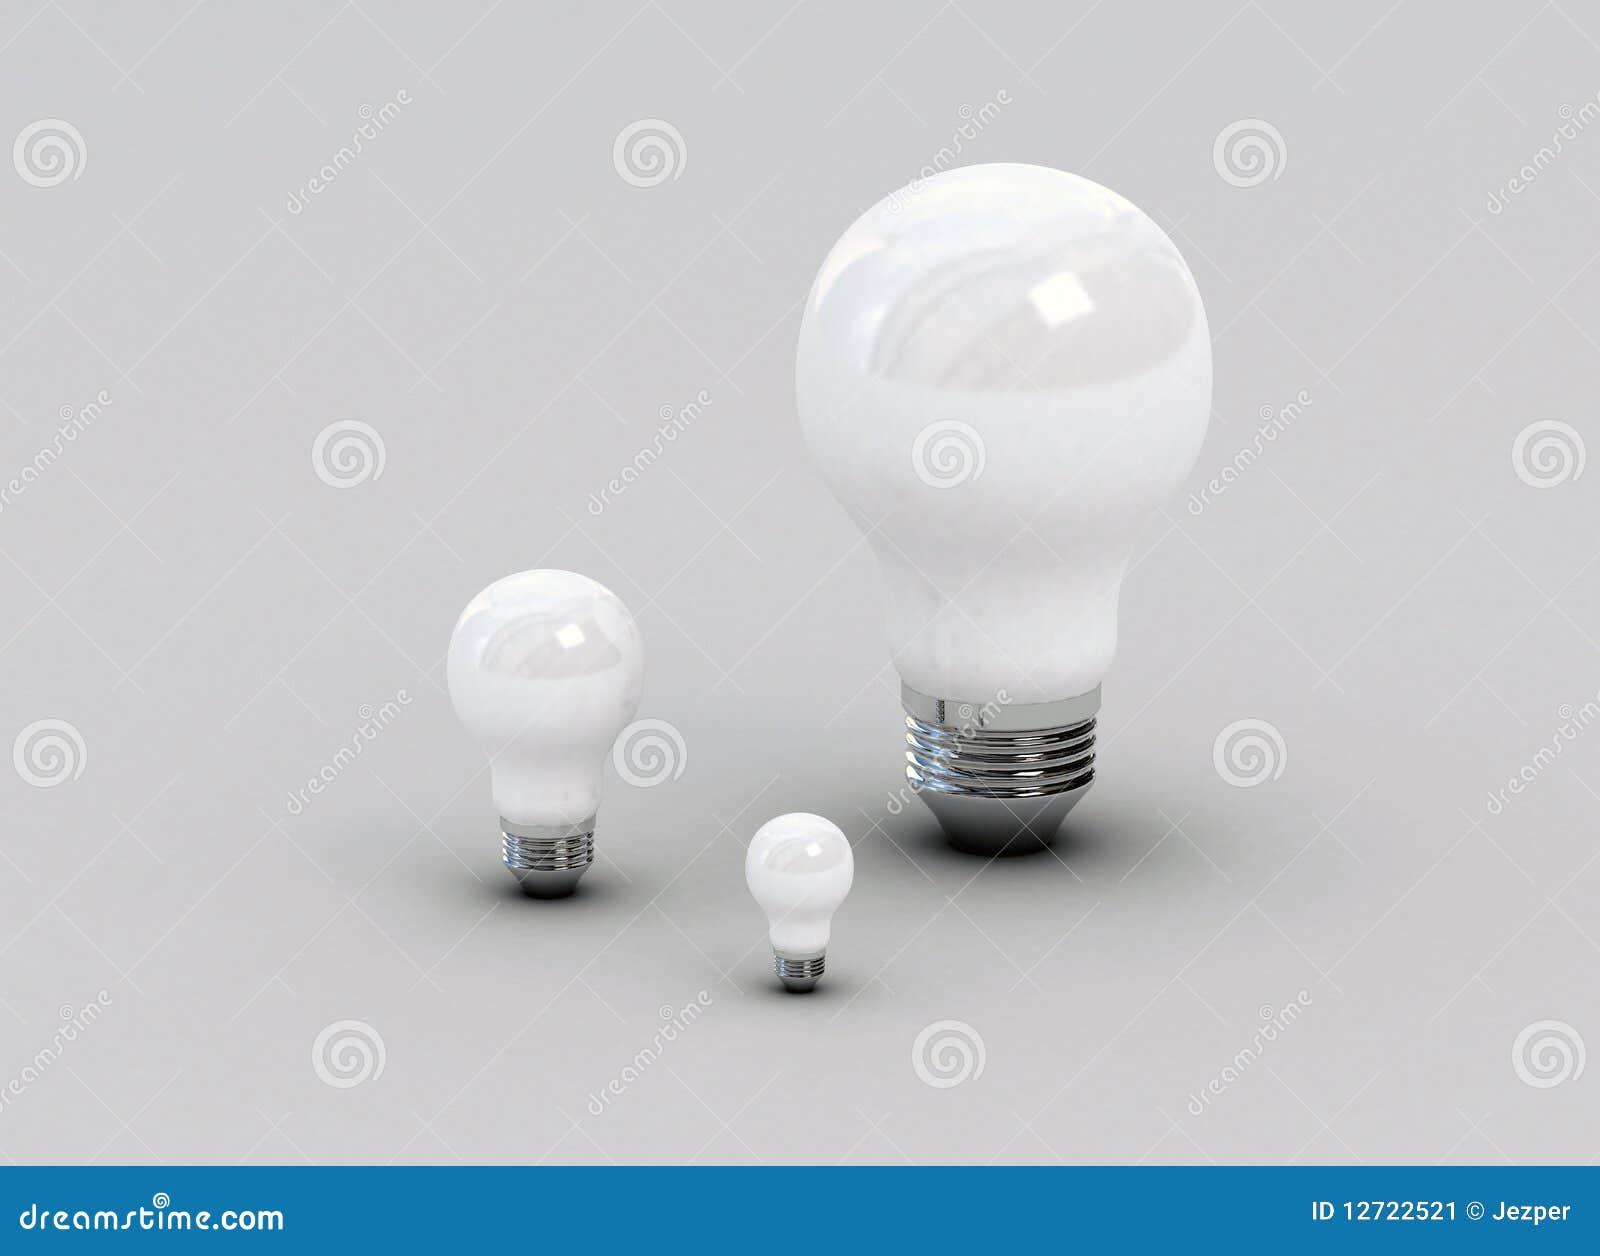 Traditional Light Bulbs Stock Image Image 12722521